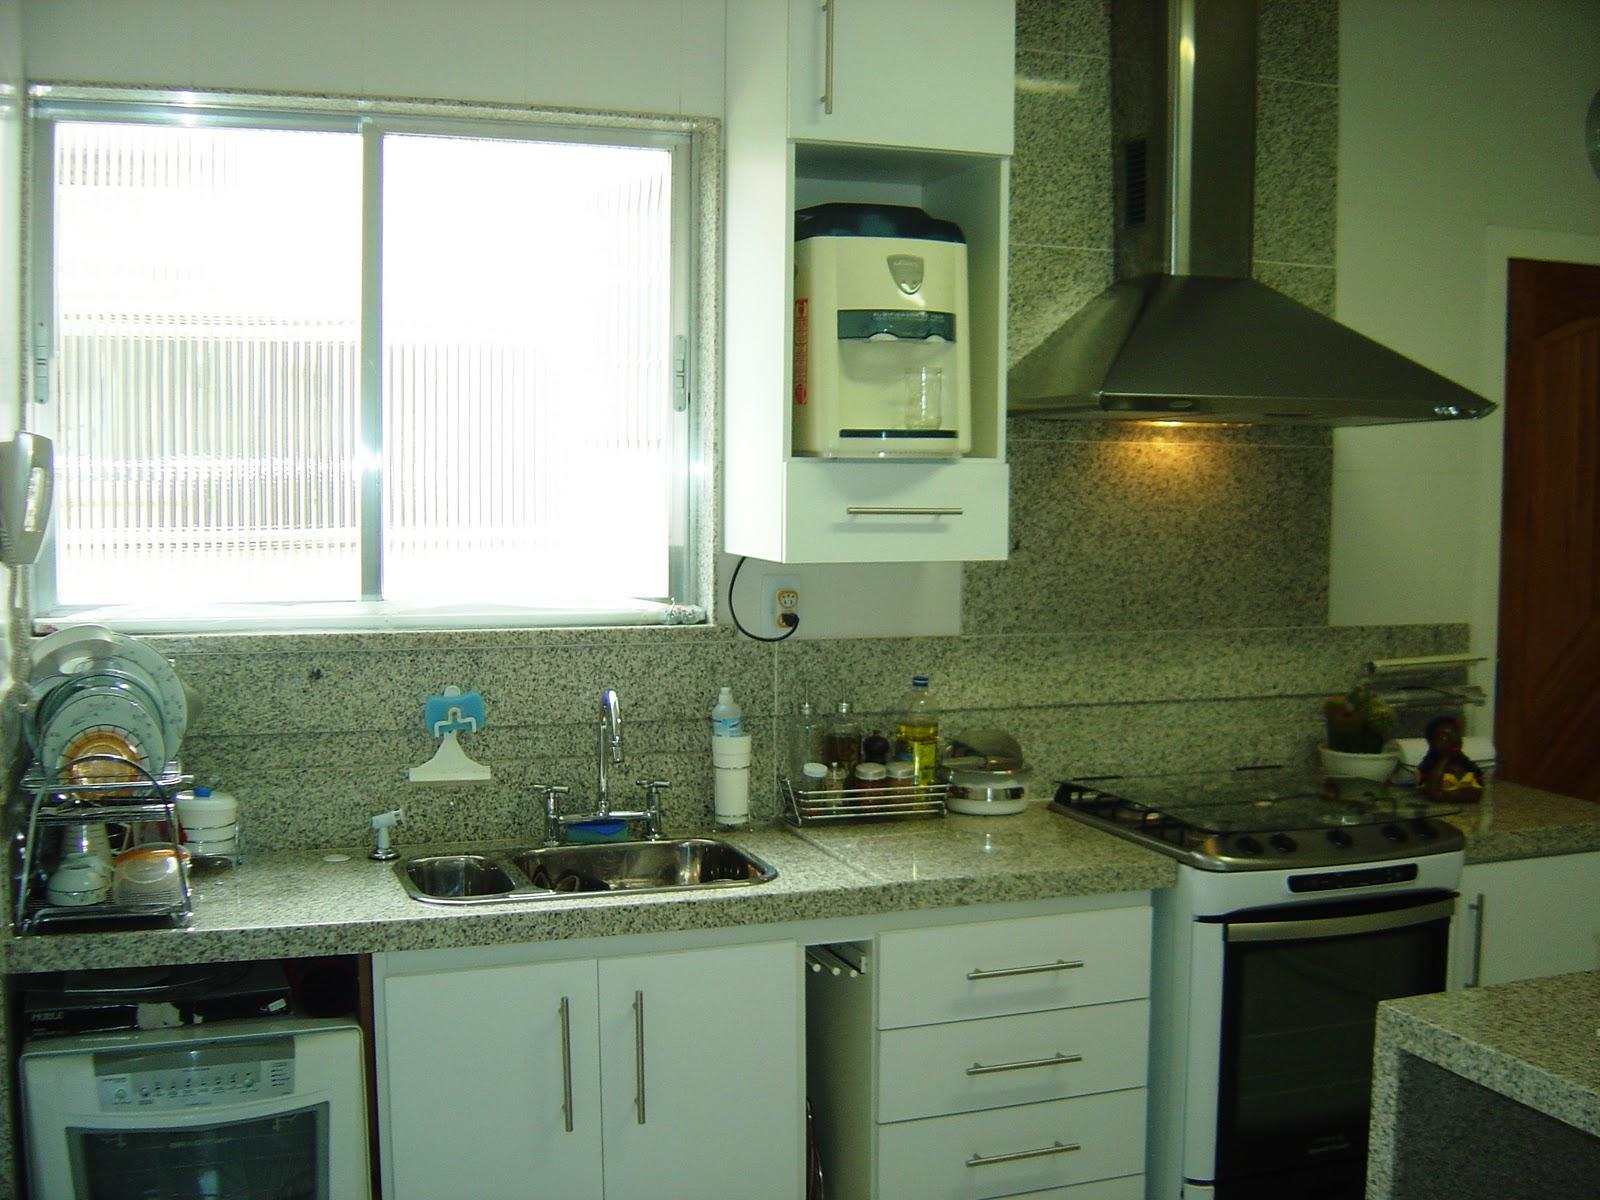 Foto: Cozinha planejada com armários em fórmica branca fosca  #5F4D1E 1600 1200